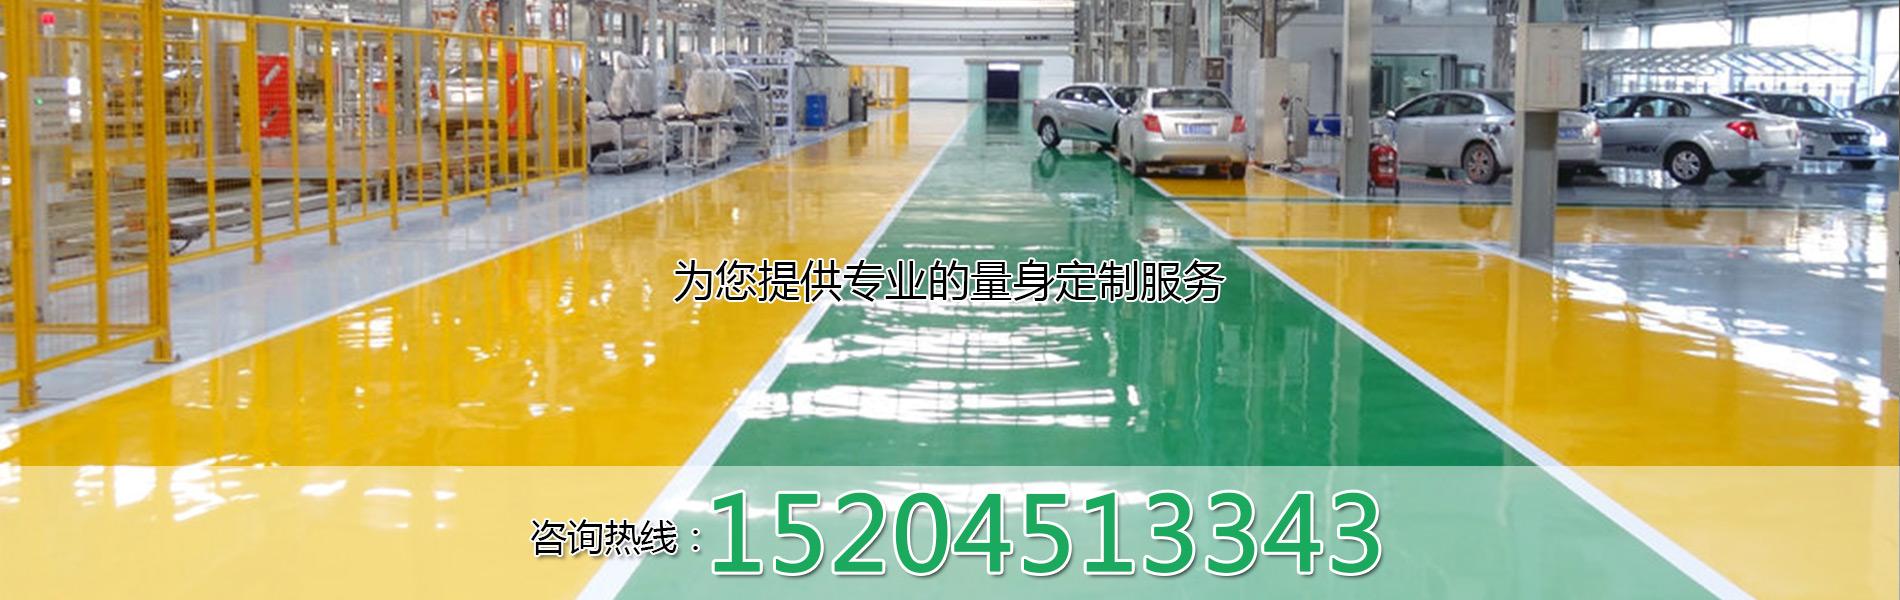 哈爾濱鑫蓬建筑材料有限公司